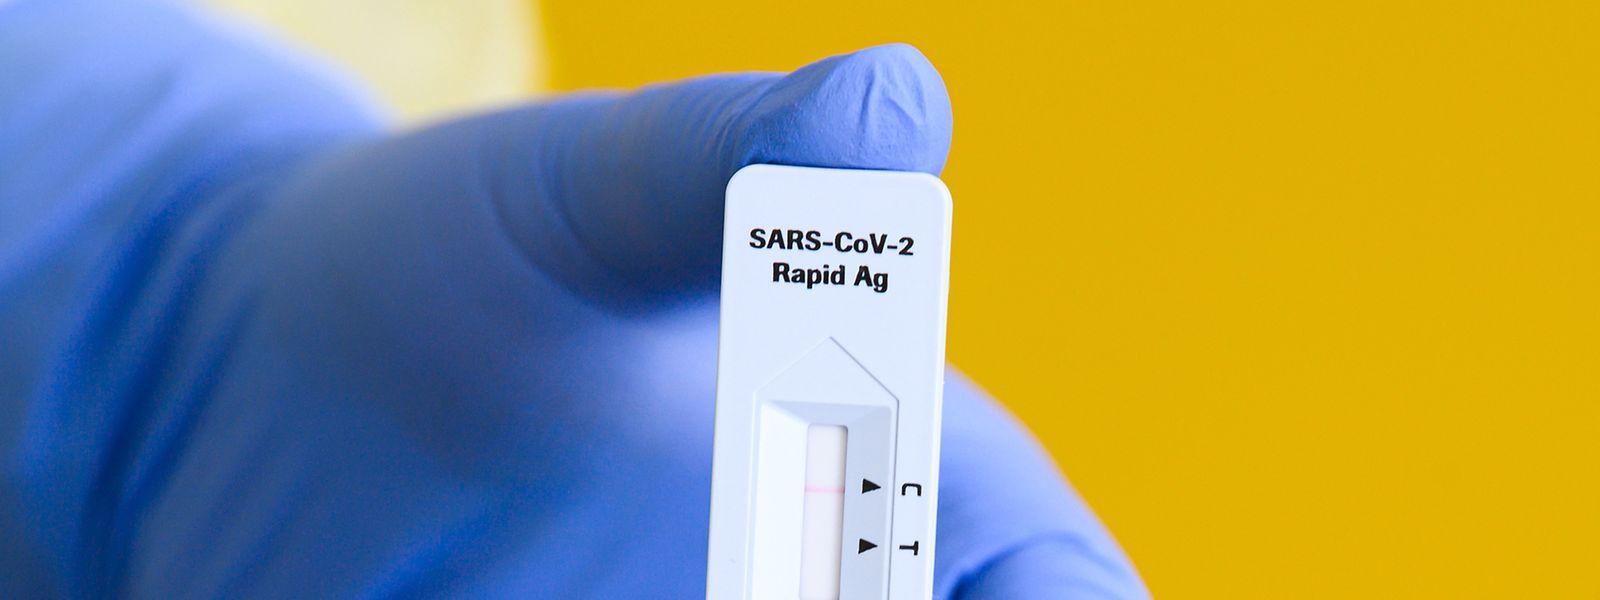 Simples d'utilisation, les tests rapides ont comme désavantage d'être peu sensibles aux infections covid à faible charge virale.